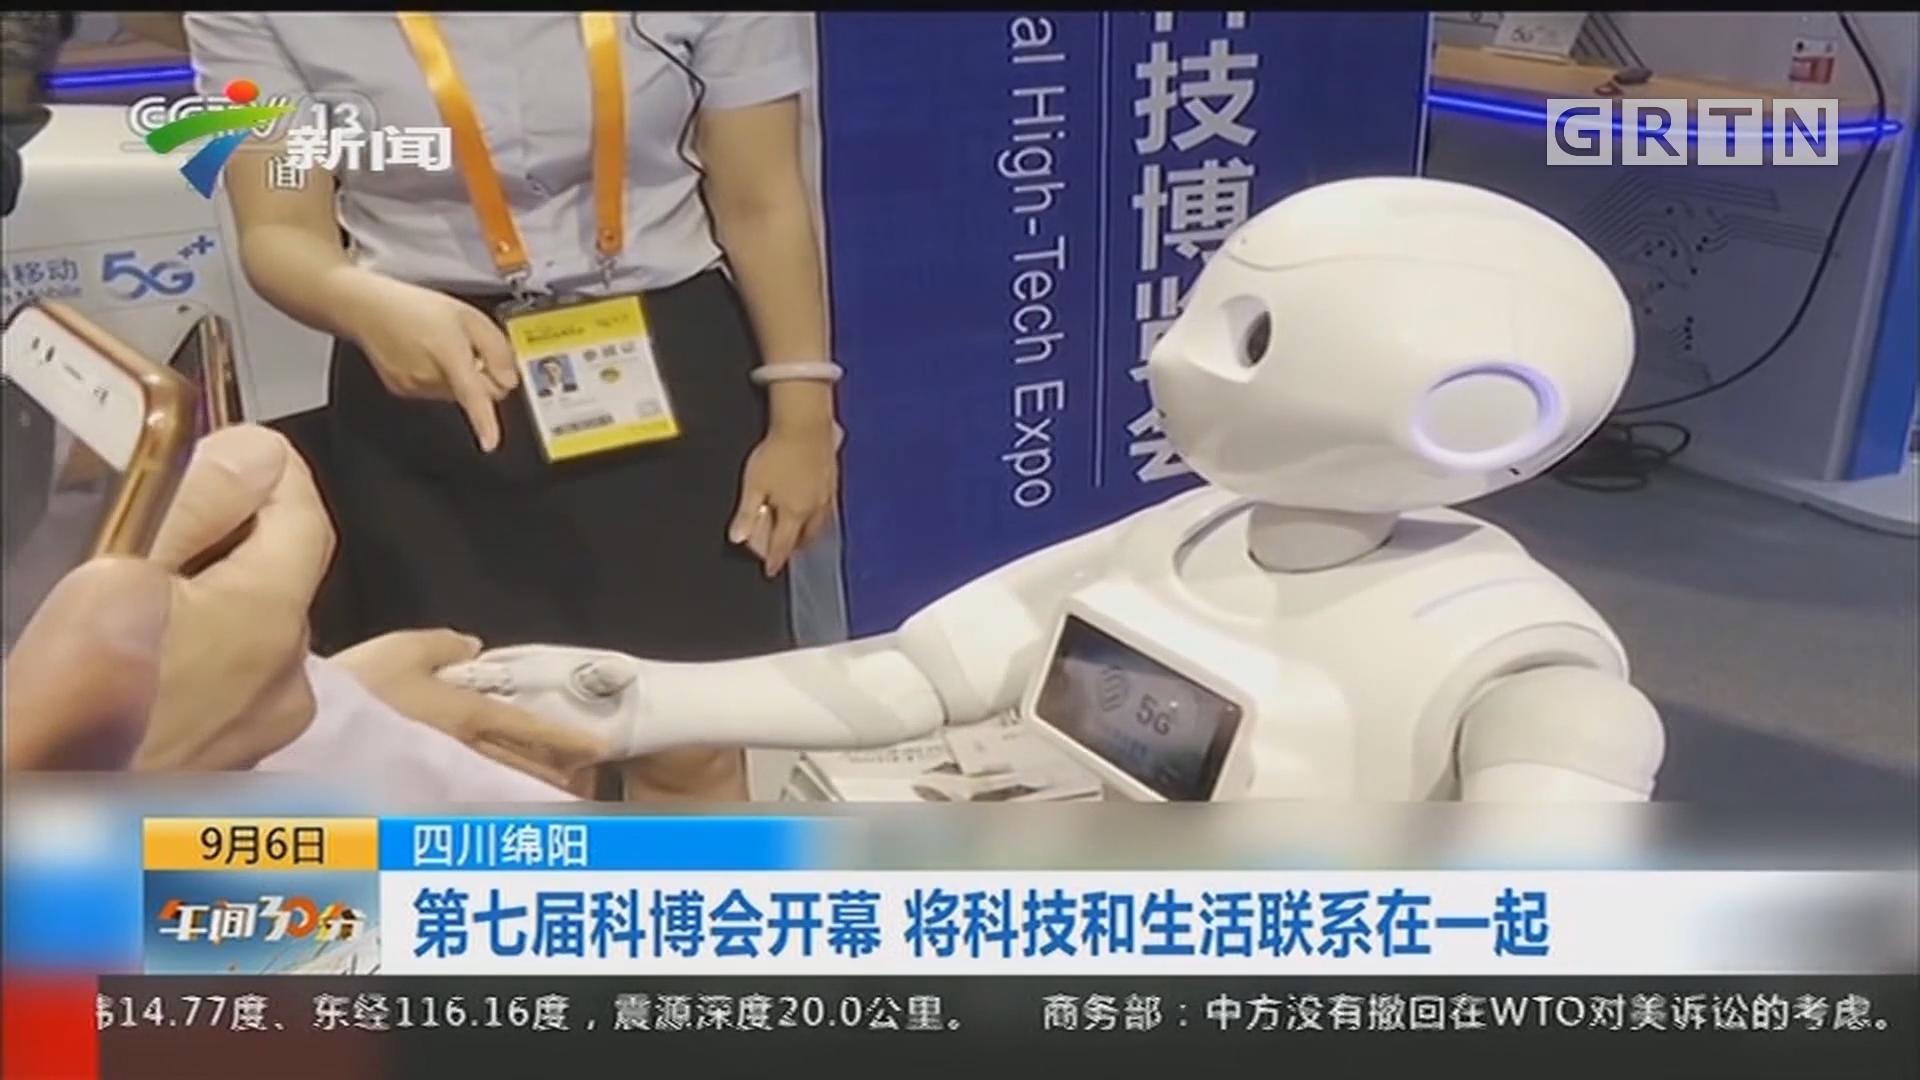 四川绵阳:第七届科博会开幕 将科技和生活联系在一起